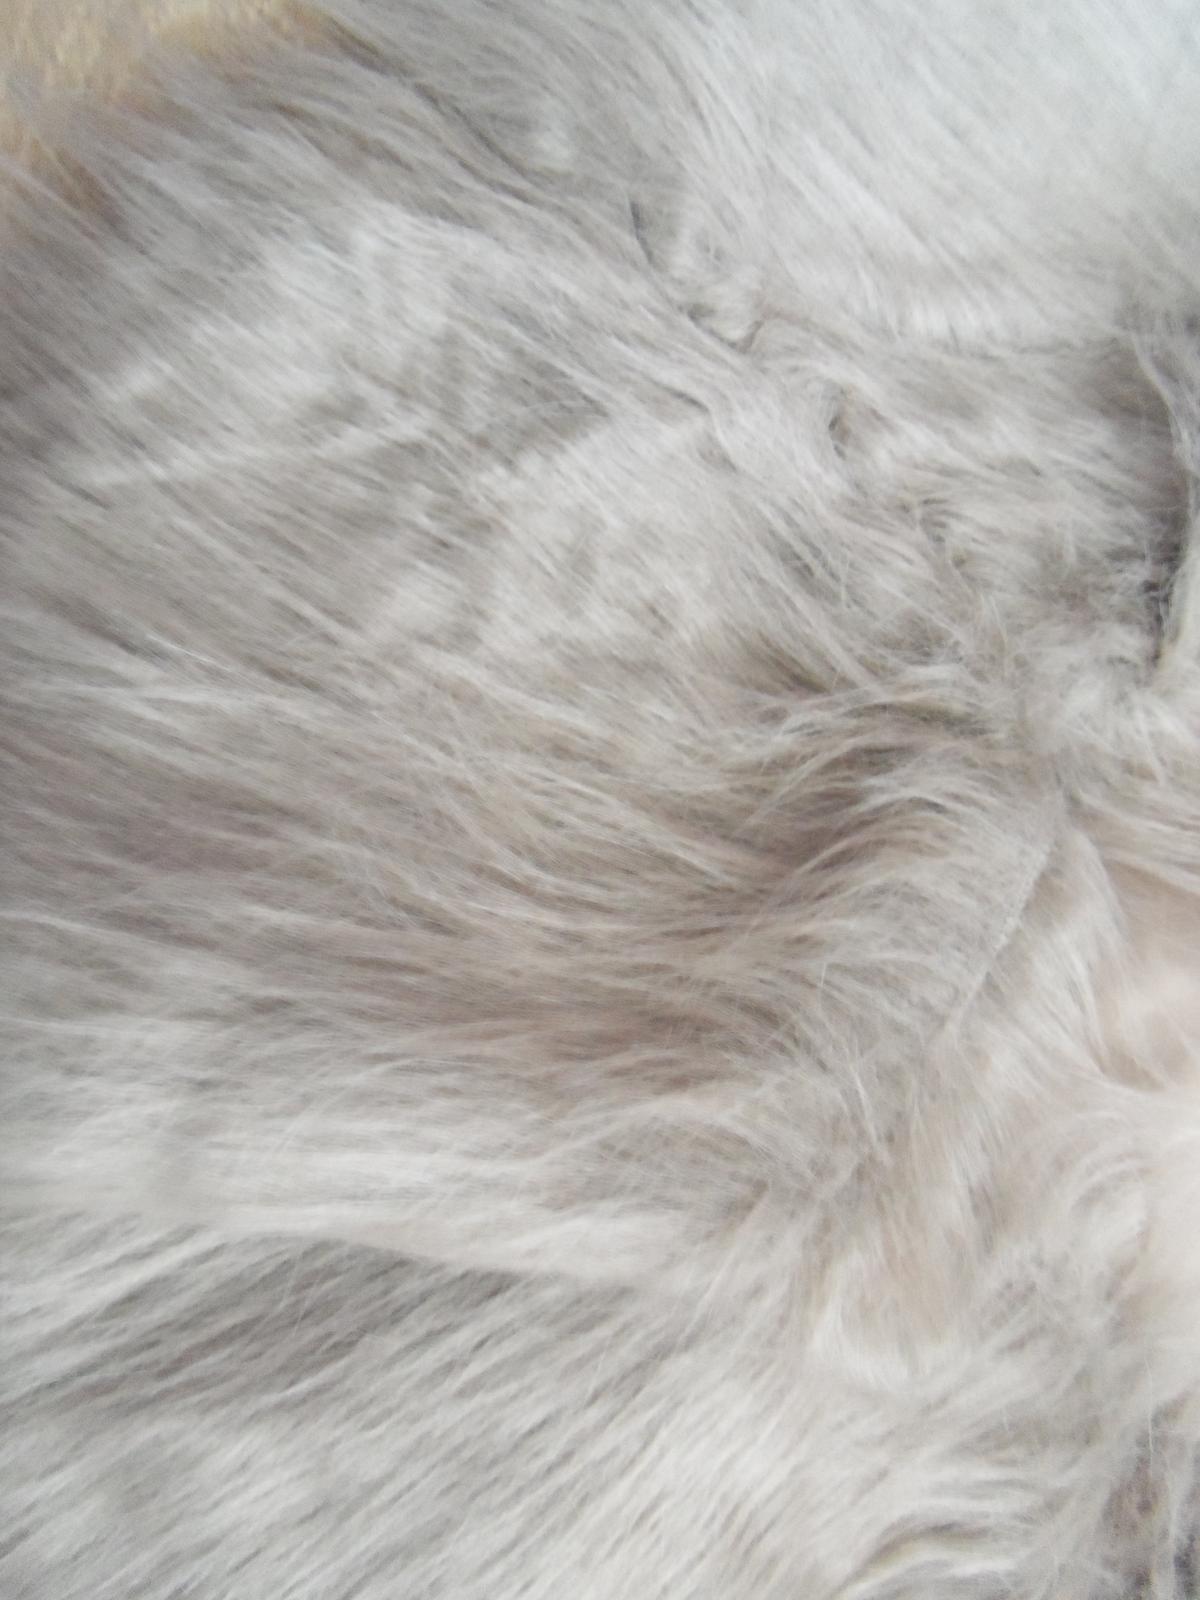 Hnedé kožušinové bolerko - štóla k dispozícii - Obrázok č. 3